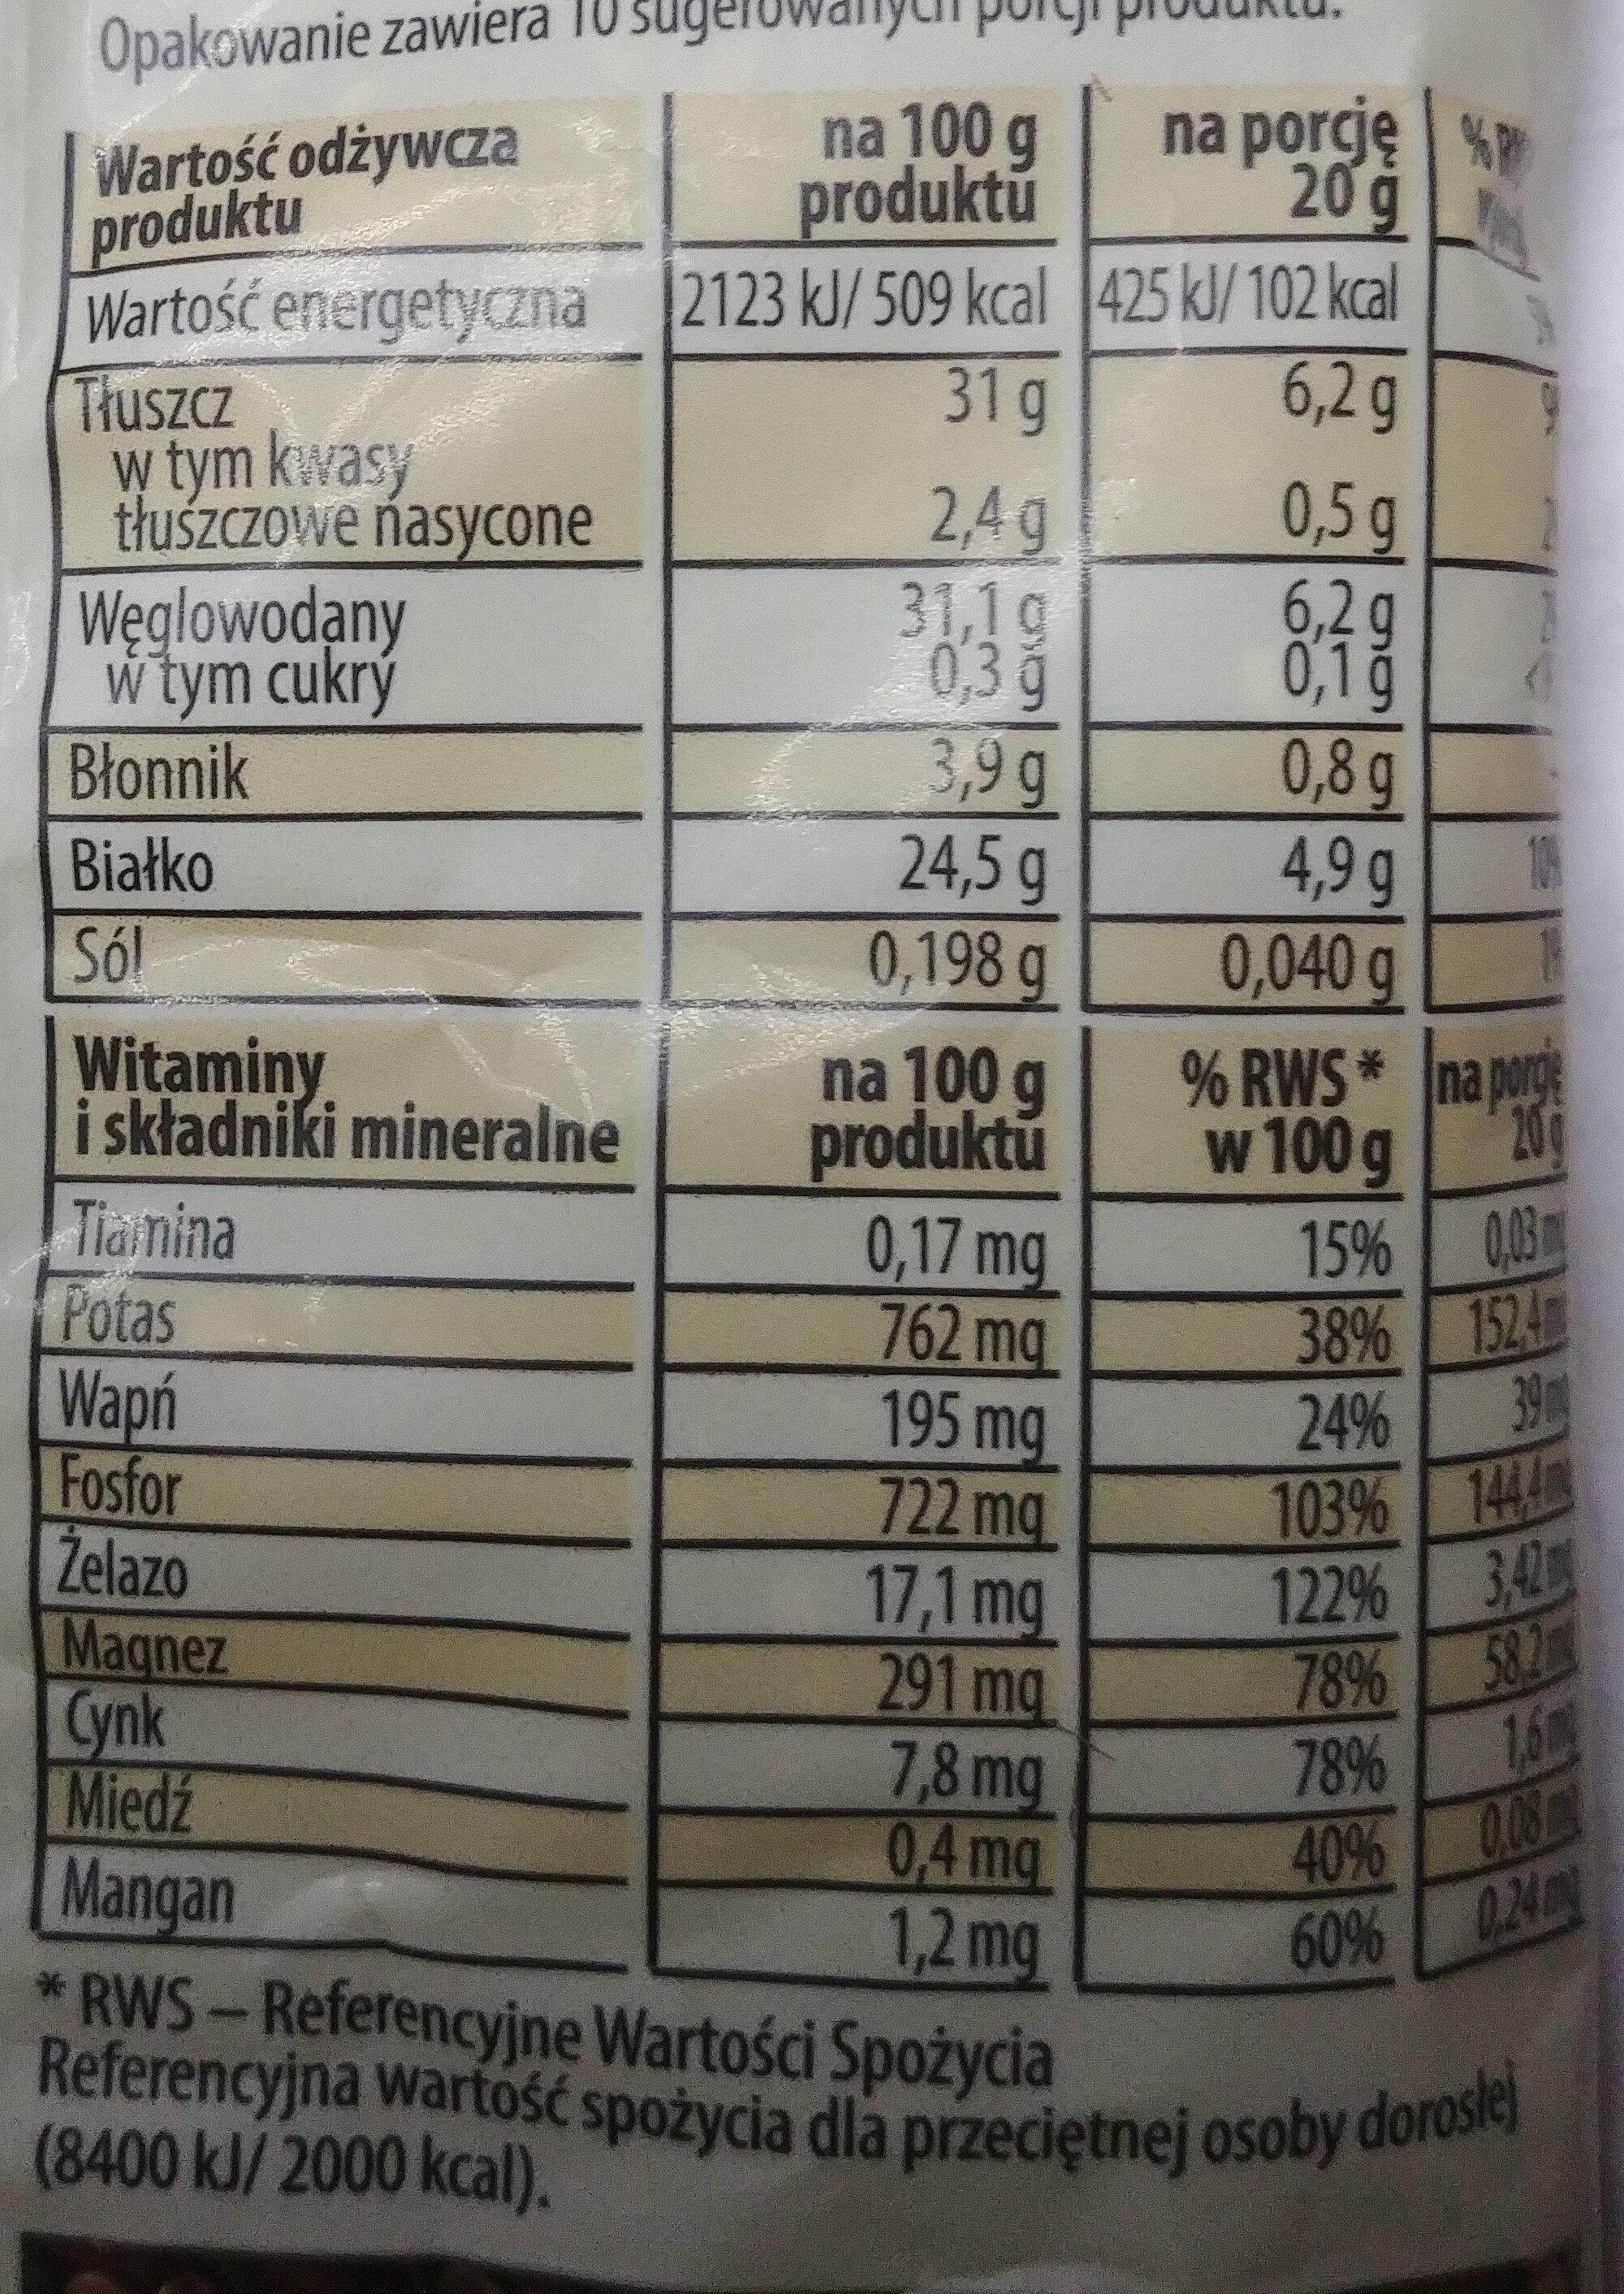 Siemię lniane - Wartości odżywcze